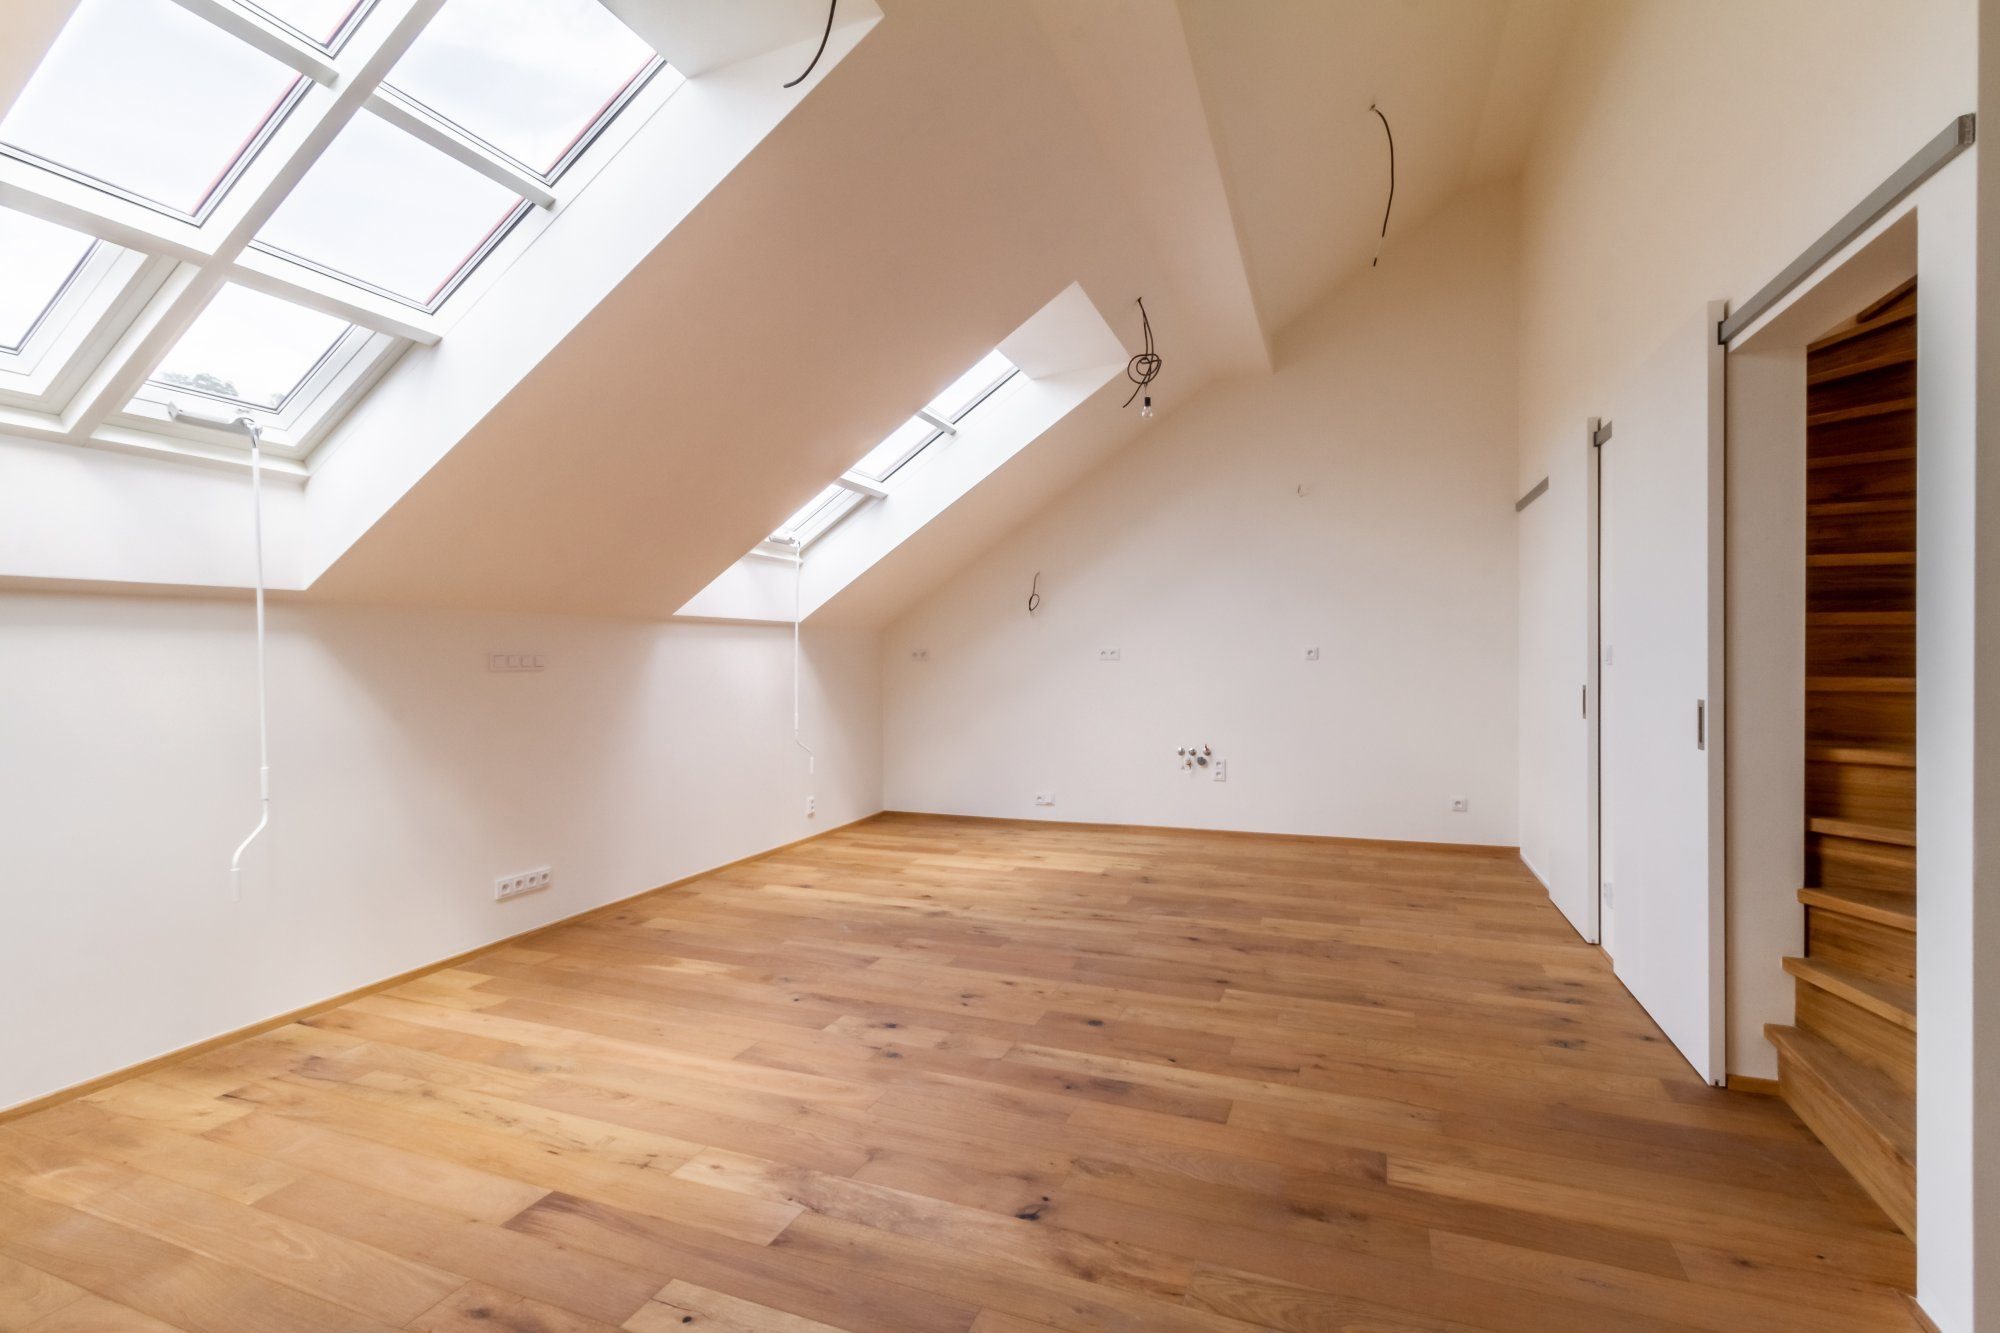 Obývací pokoj podkrovního bytu - Půdní byt 3+kk, plocha 99 m², ulice Husitská, Praha 3 - Žižkov | 2